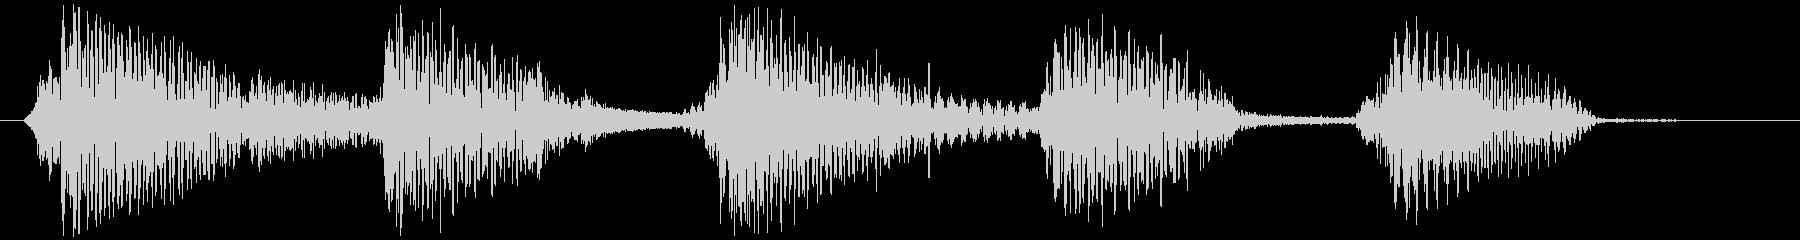 ウクレレ&ギターほのぼのサウンドロゴの未再生の波形